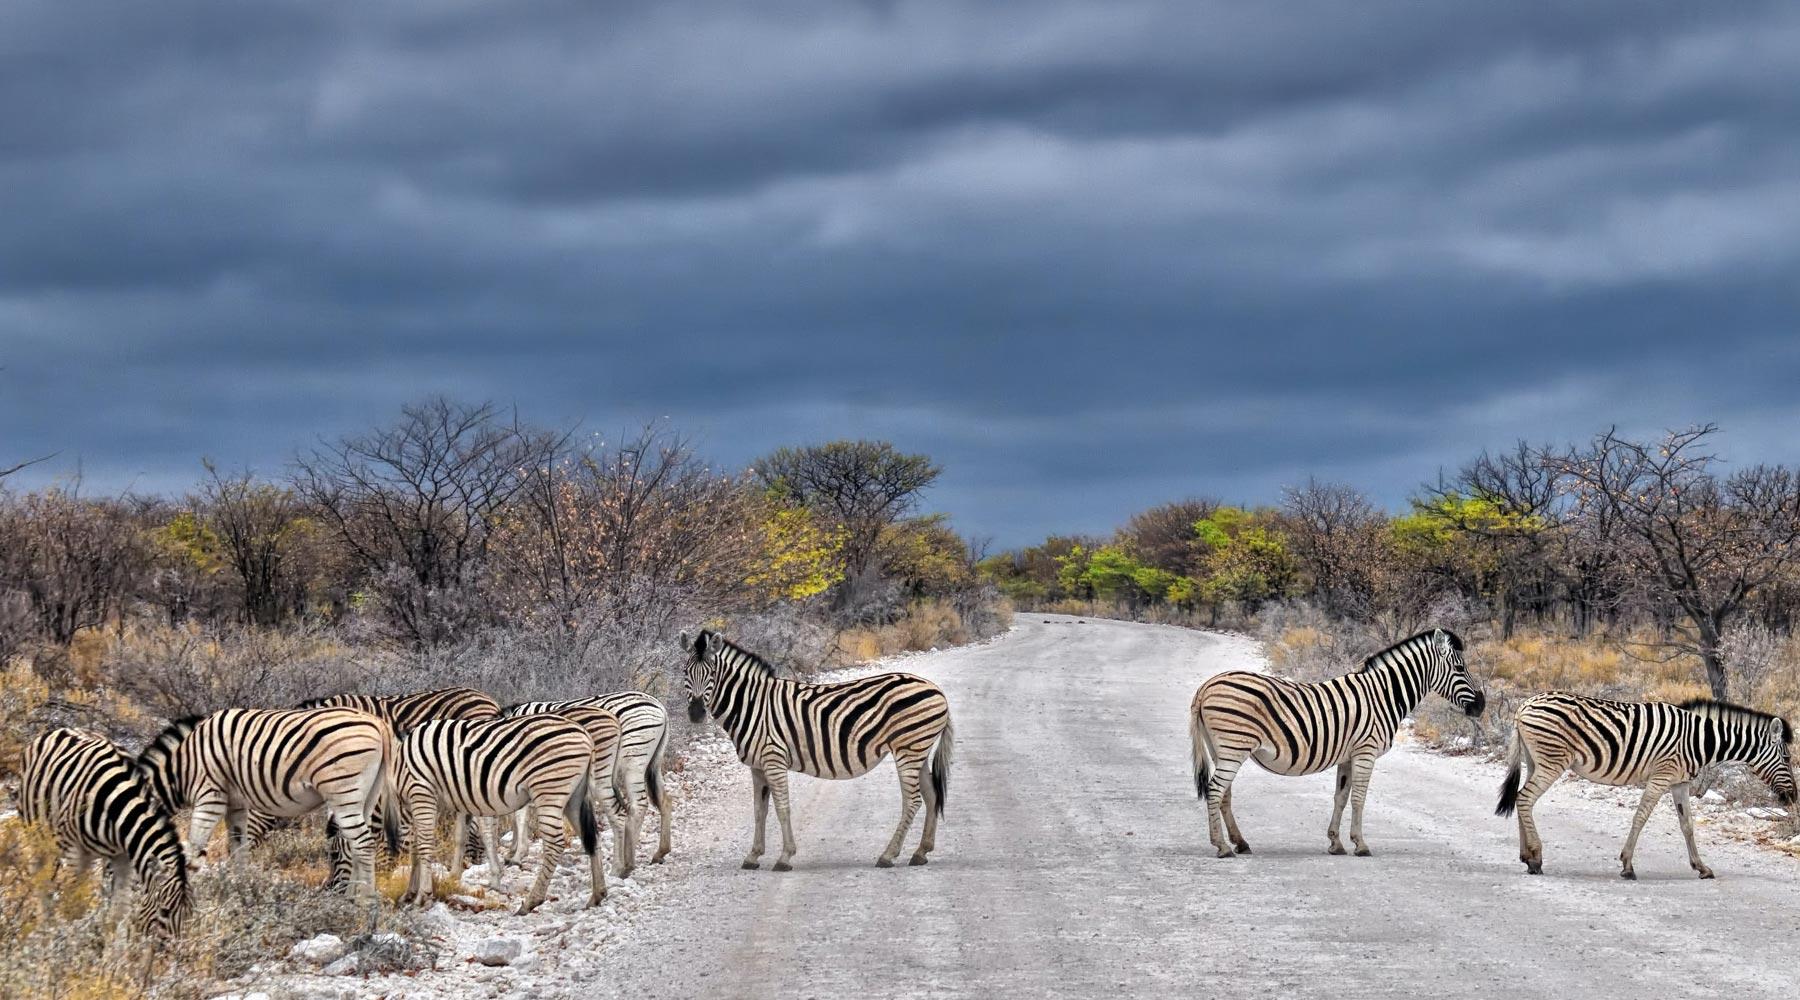 Etosha National Park – The World of Rare Animals in Namibia